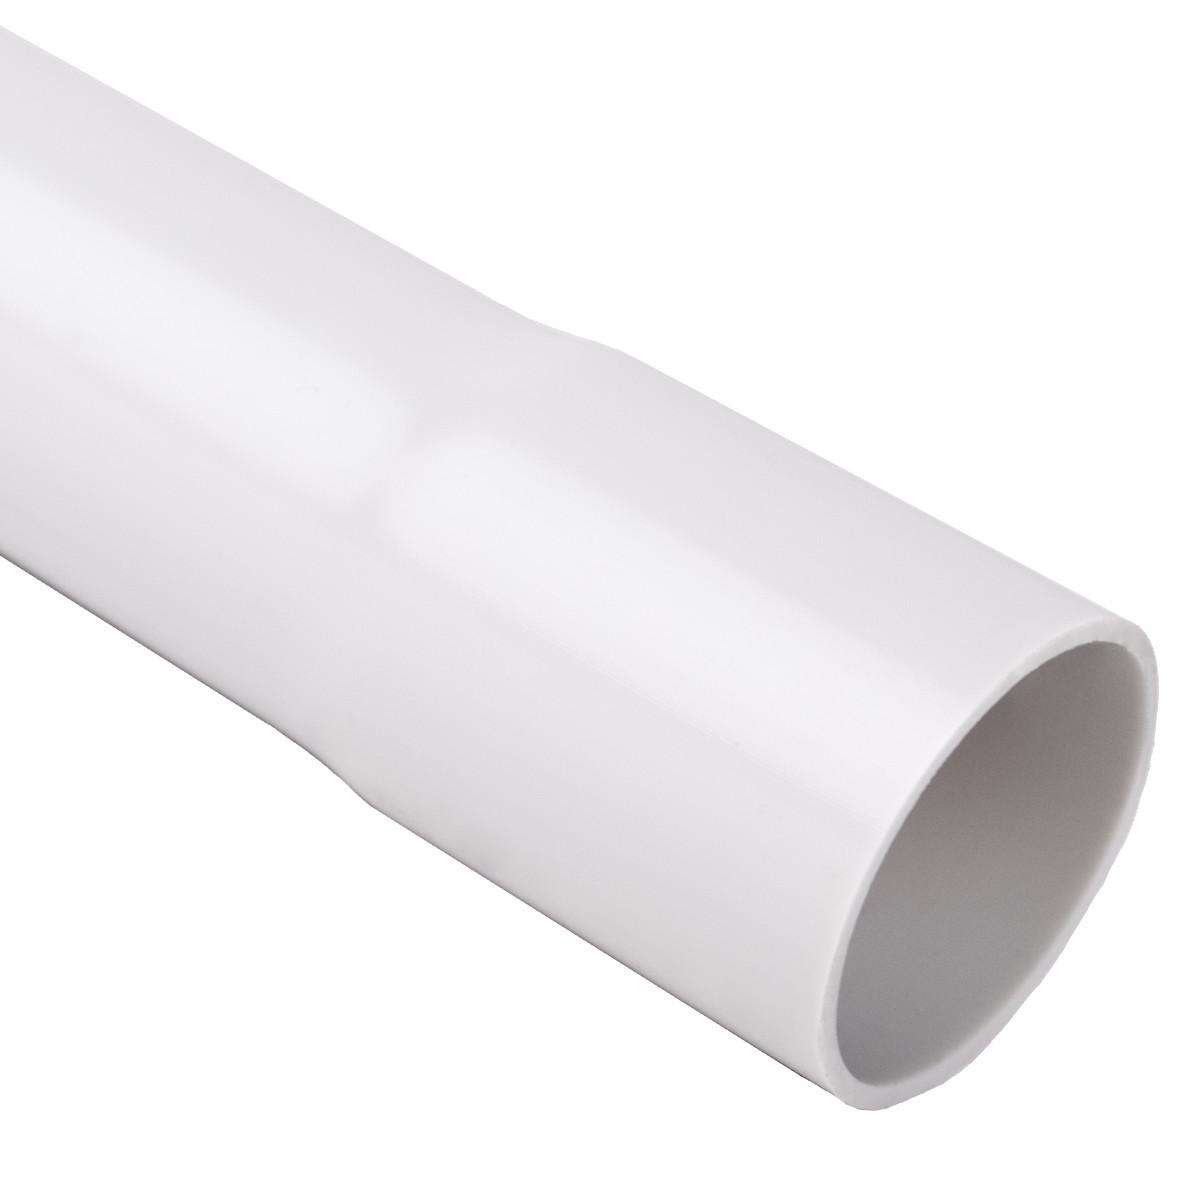 Труба жорстка 320 N/5см з раструбом для з'єднання; Ø16мм; полікарбонат; безгалогенна; t застосування -45-90 °с; світло-сіра; Упаковка 30 шт